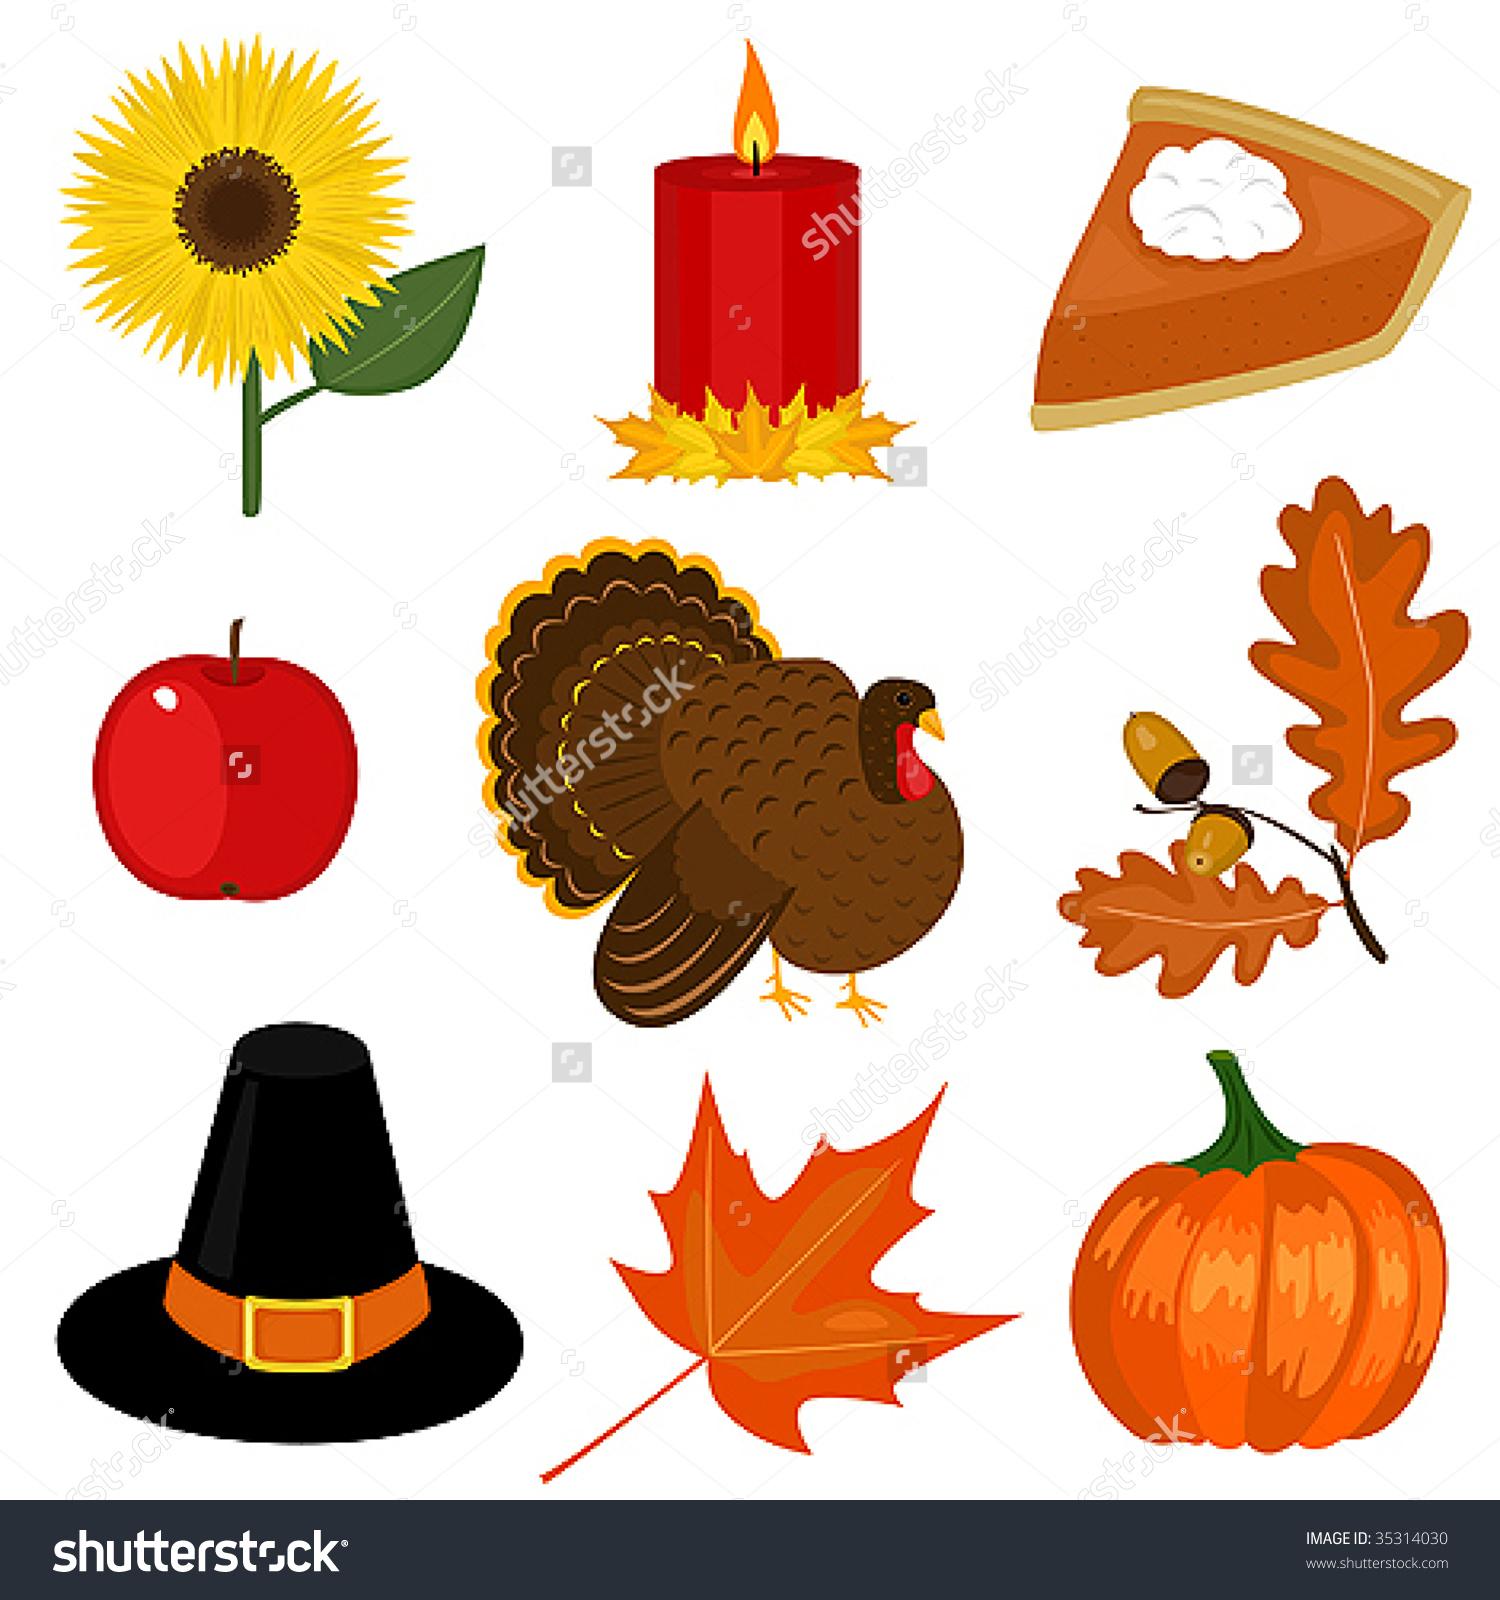 Thanksgiving Day Clip-Art Stock Vector Illustration 35314030 : Shutterstock